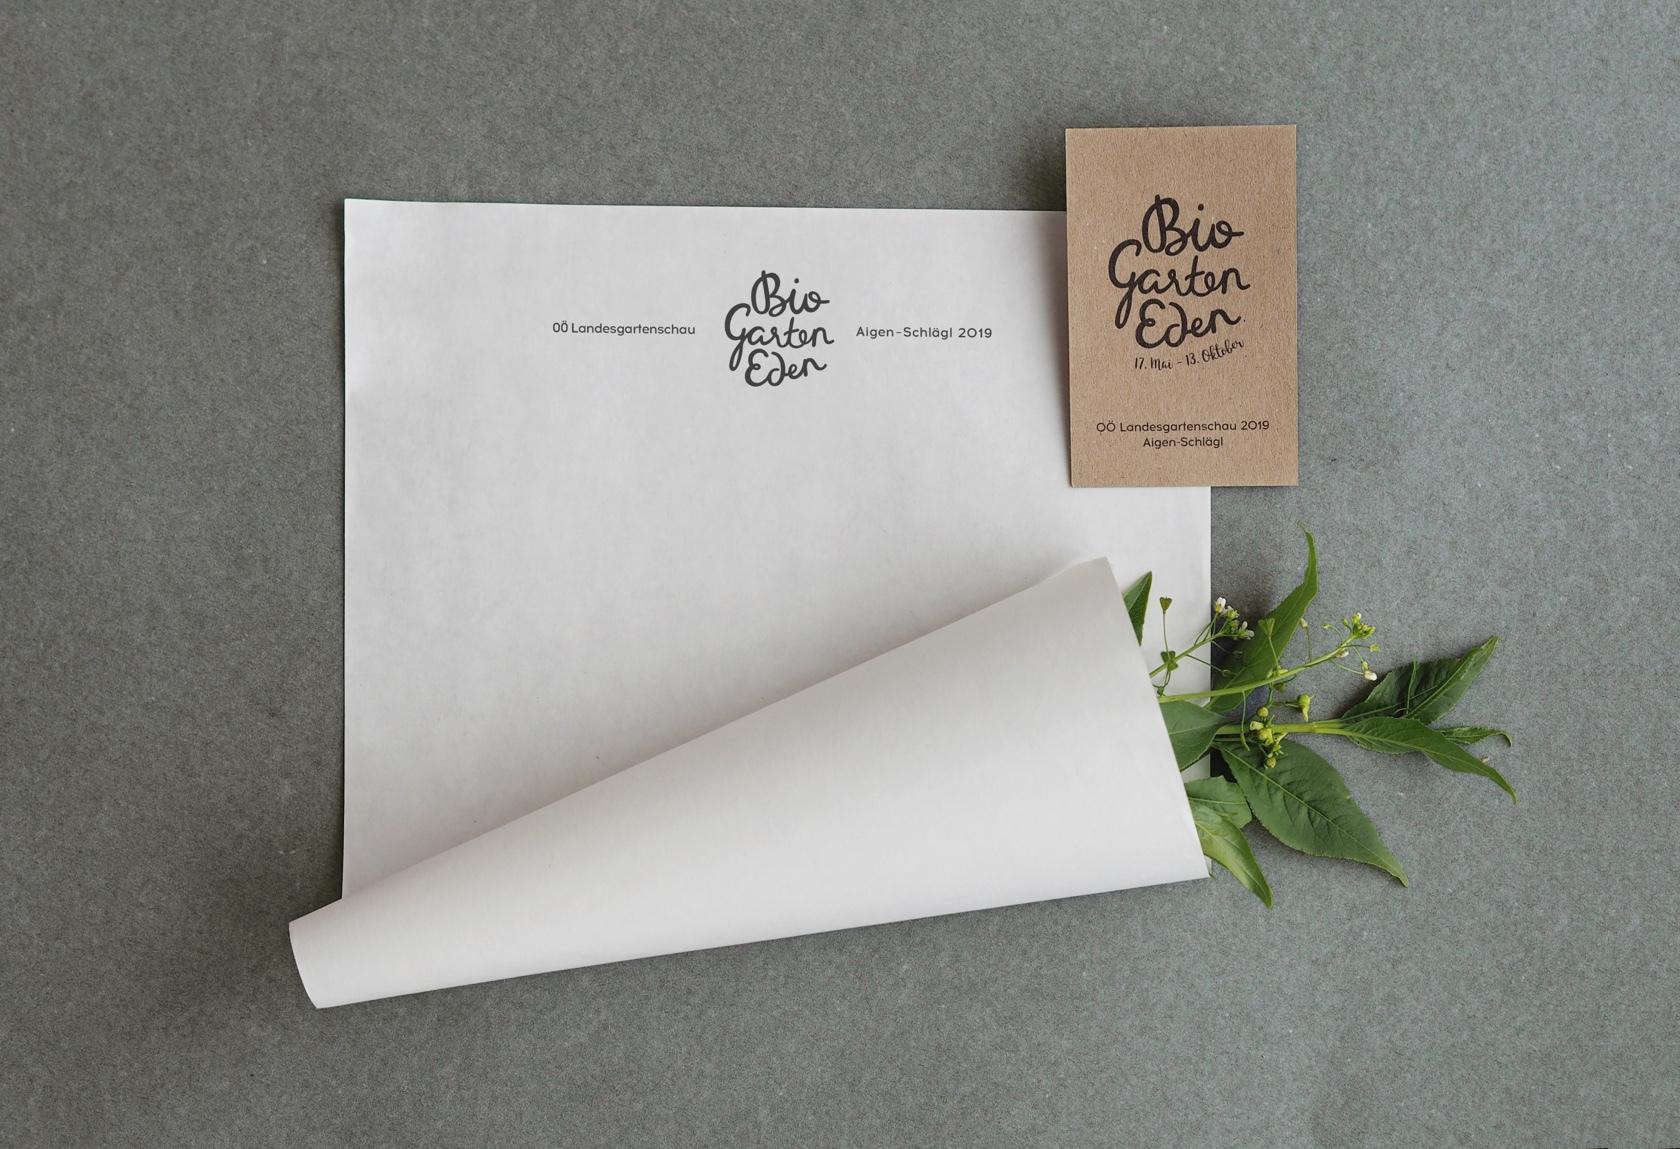 OÖ Landesgartenschau - Briefpapier und Visitenkarte